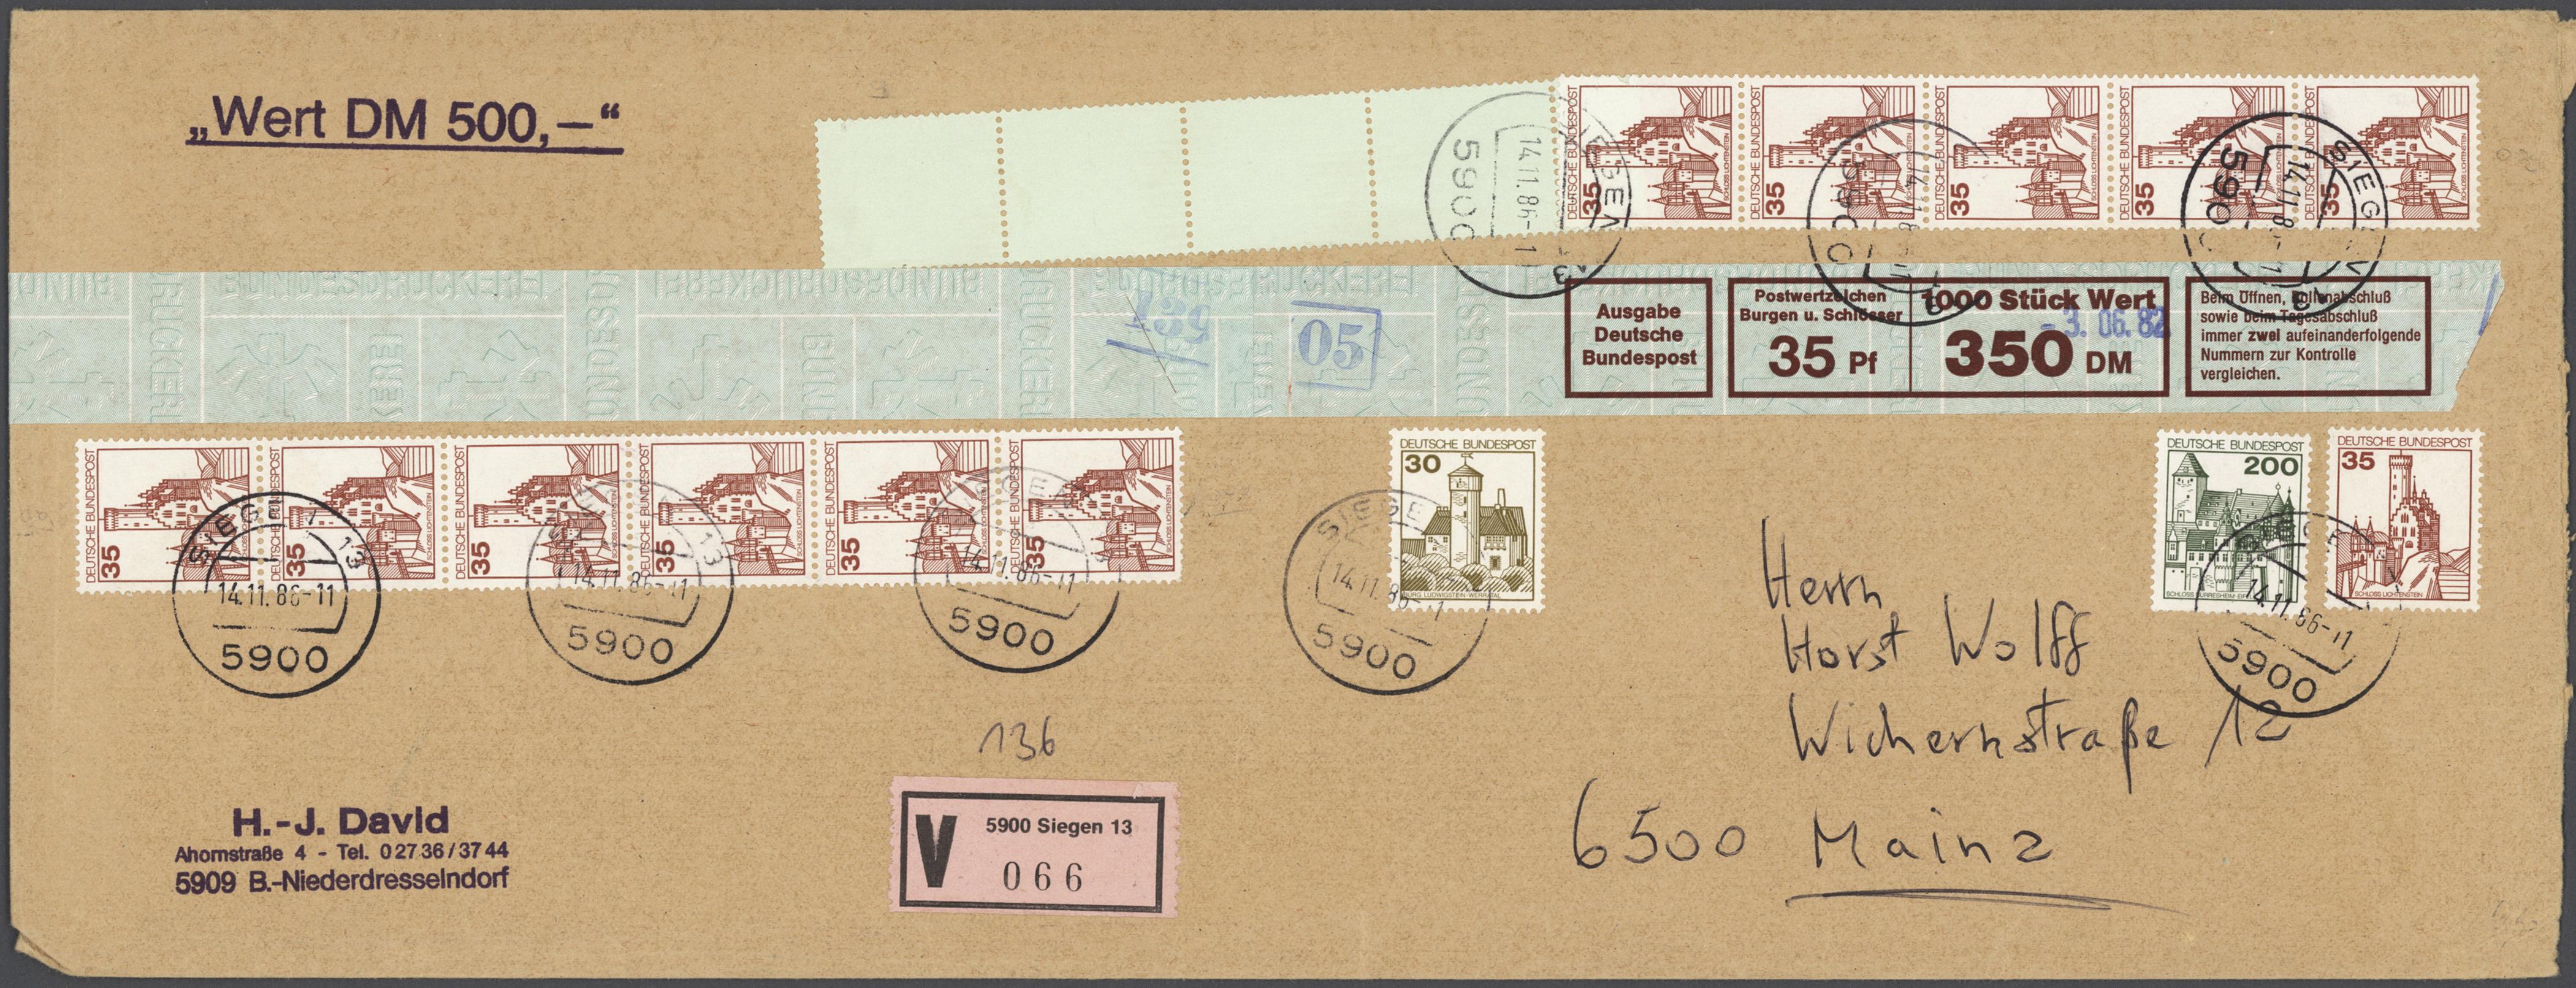 Lot 37698 - Bundesrepublik - Rollenmarken  -  Auktionshaus Christoph Gärtner GmbH & Co. KG Sale #44 Collections Germany